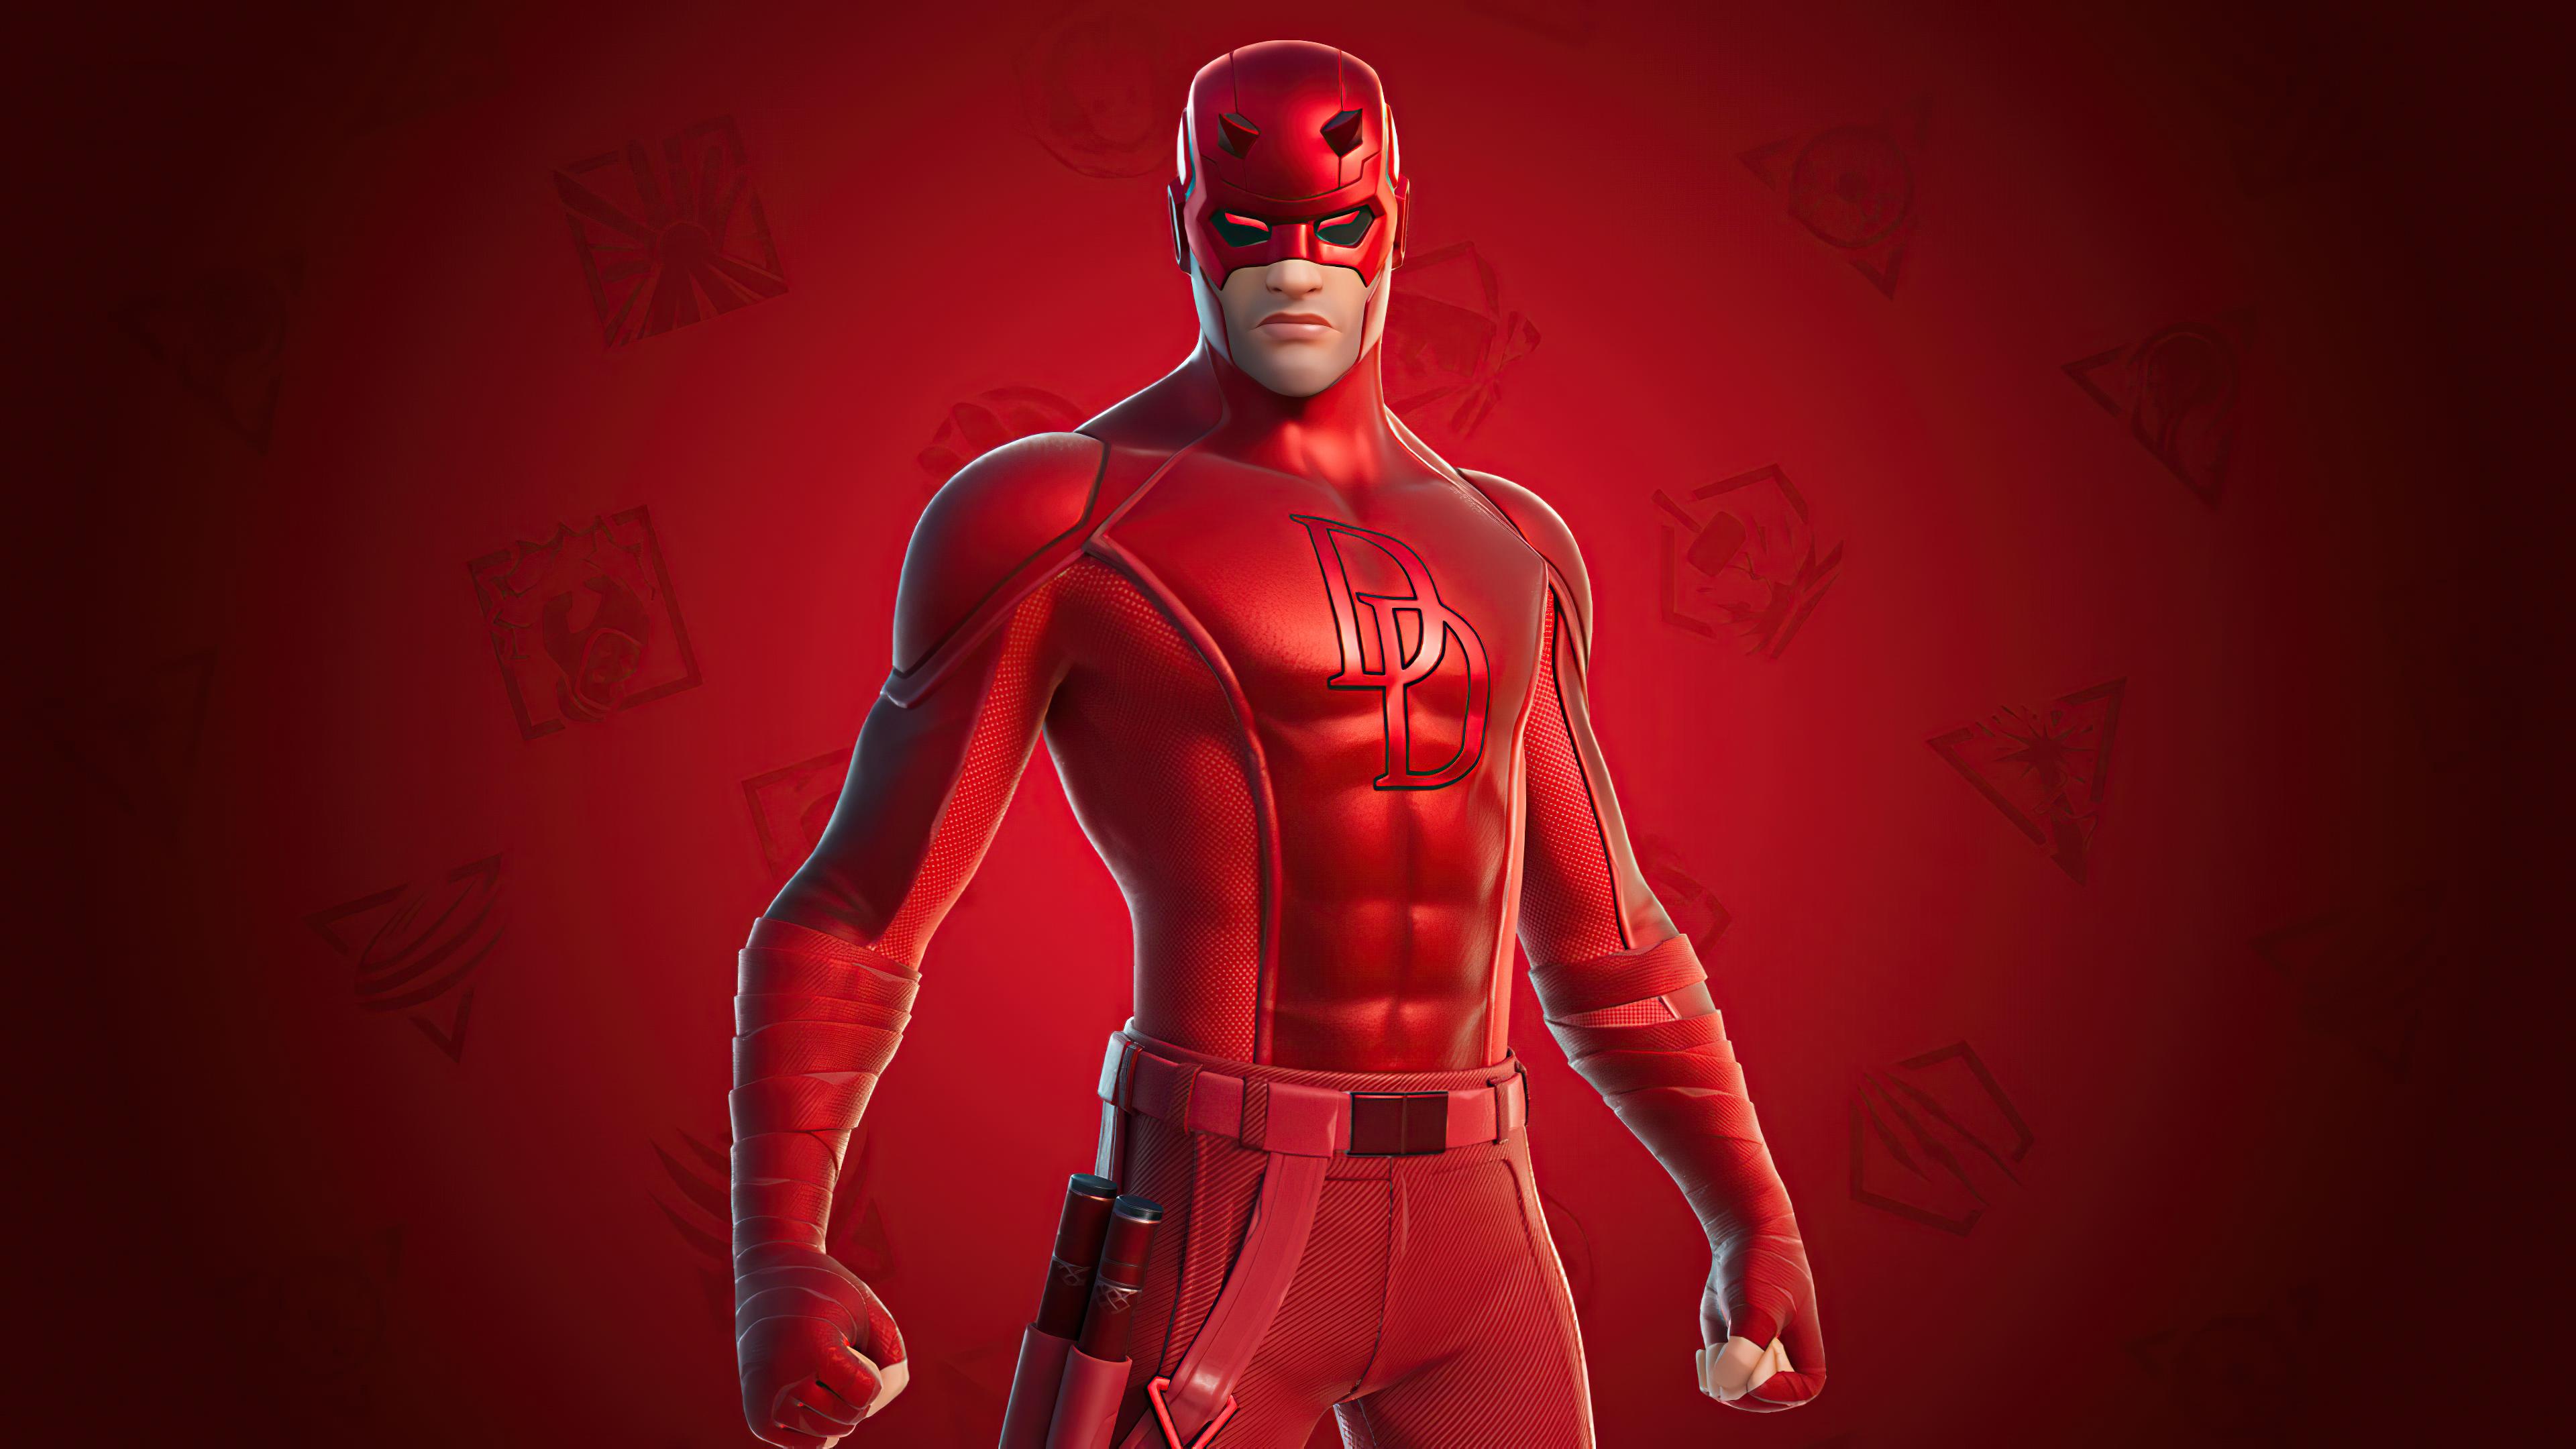 Wallpaper Daredevil Fortnite Style 2020